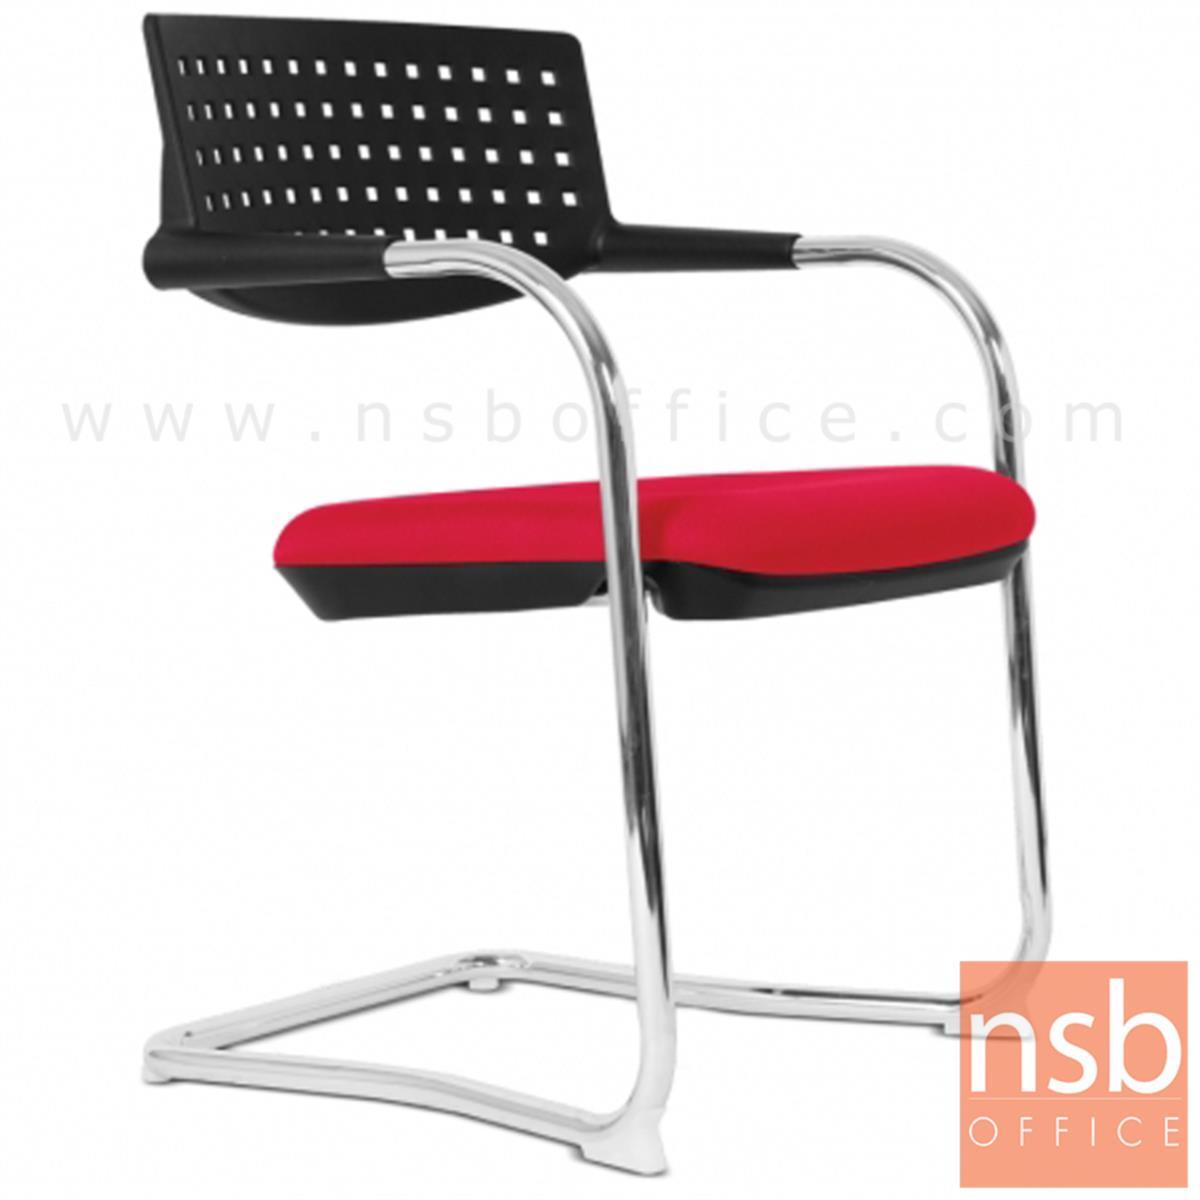 B04A131:เก้าอี้รับแขกขาตัวซีหลังเปลือกโพลี่ รุ่น Judith (จูดิธ)  ขาเหล็กชุบโครเมี่ยม